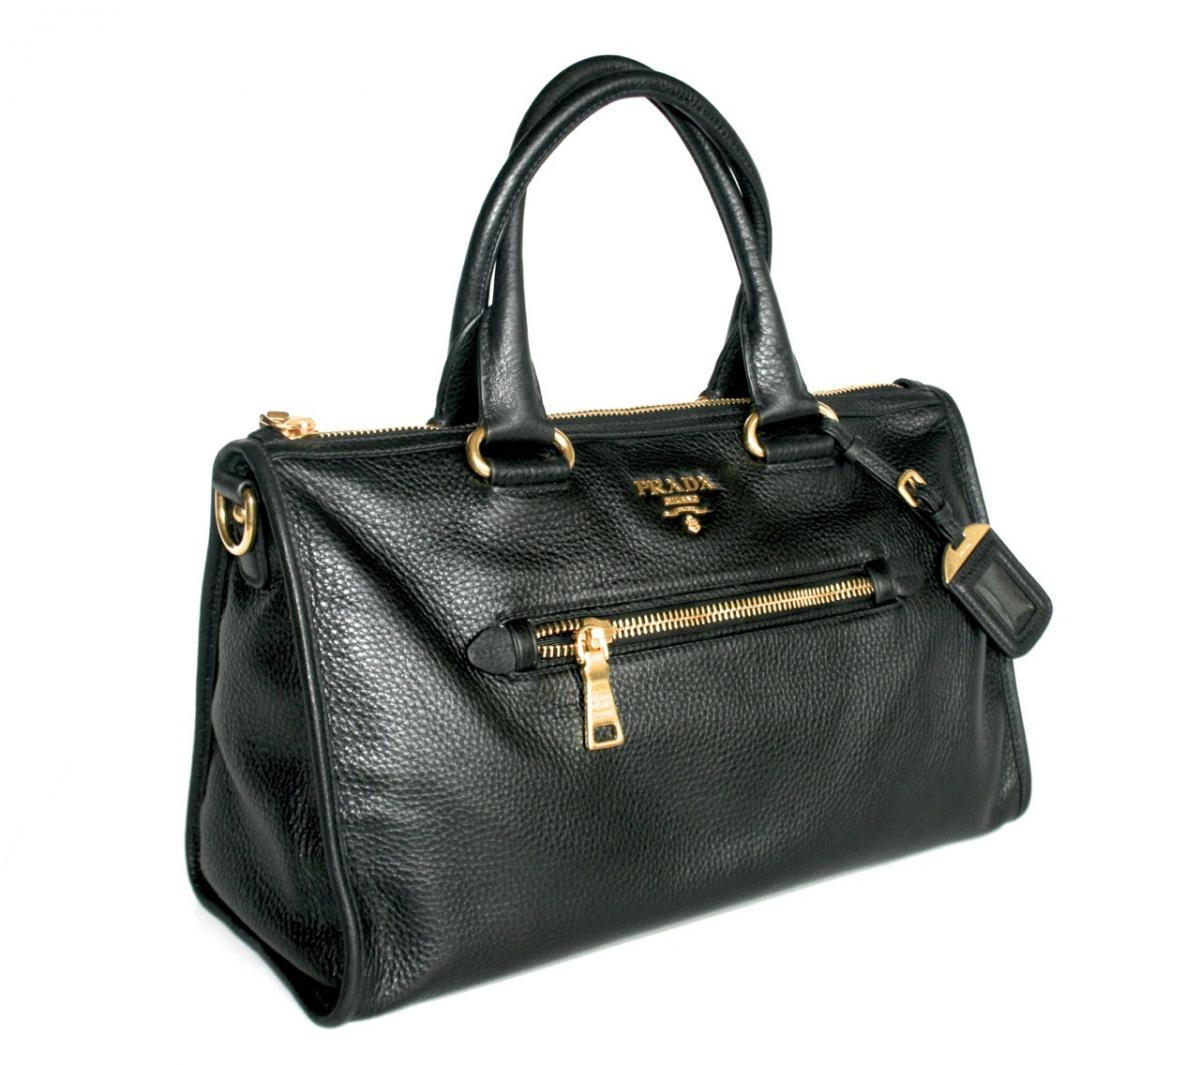 luxus prada schulter tasche handtasche bl0805 schwarz neu. Black Bedroom Furniture Sets. Home Design Ideas